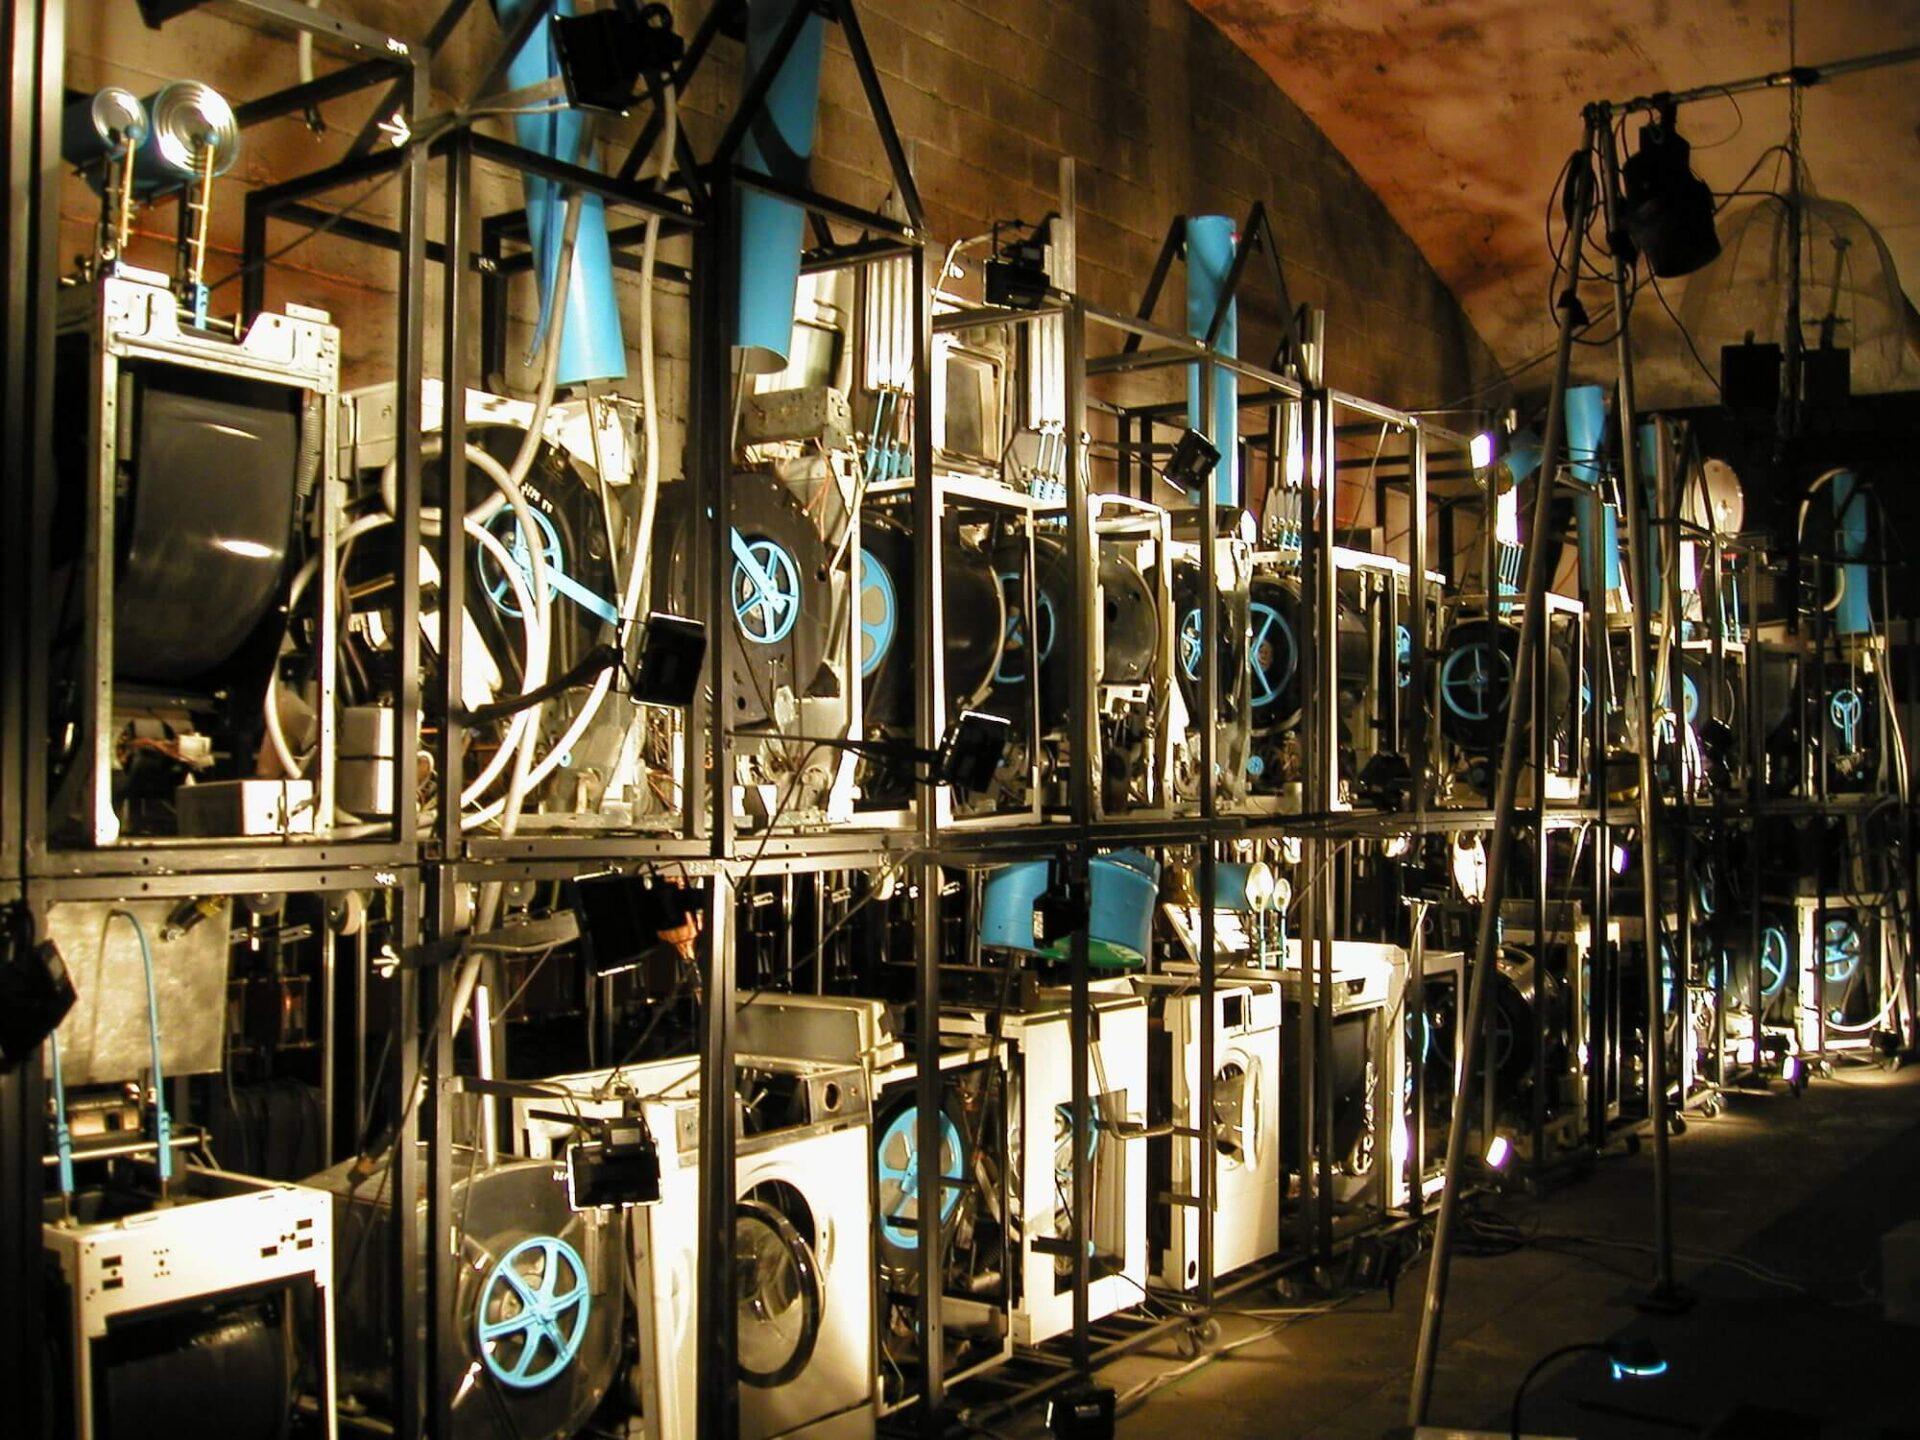 Photographie ensemble de machines à laver en cage, désossées, avec instruments de musique entrainés par leurs tambours